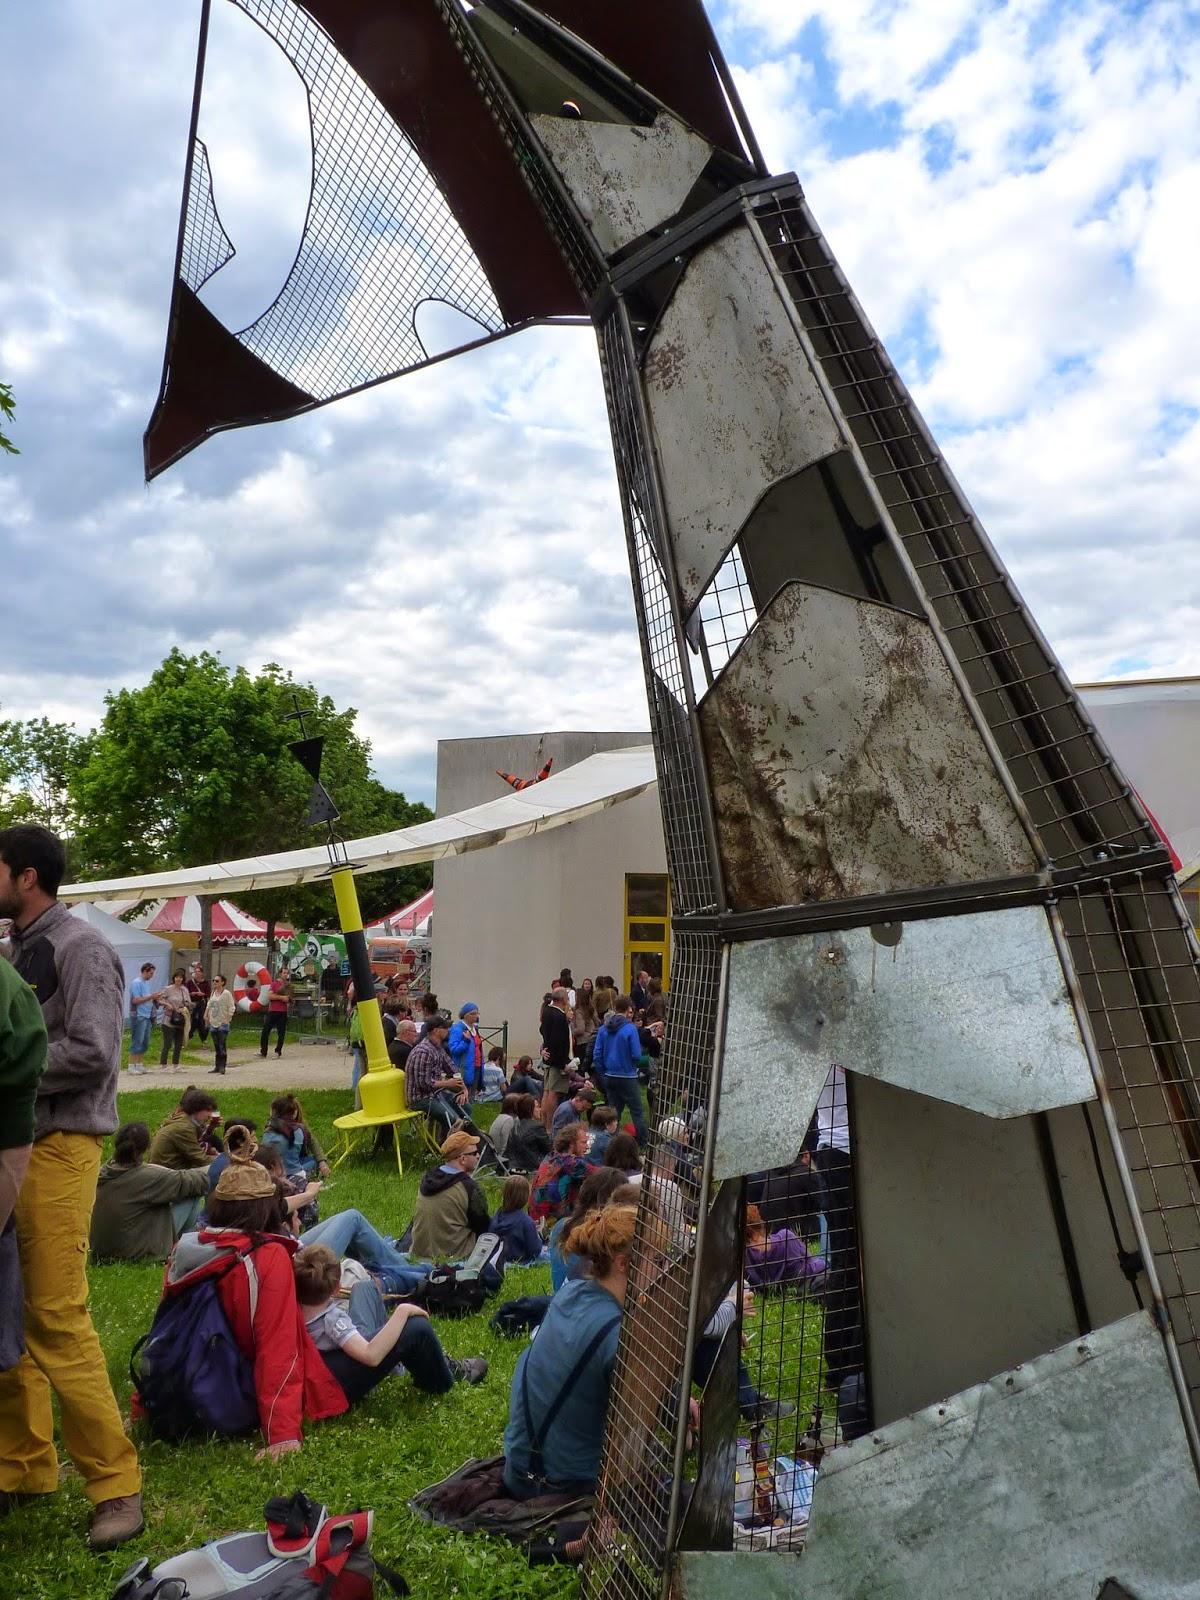 festival rencontre entre les mondes chabeuil